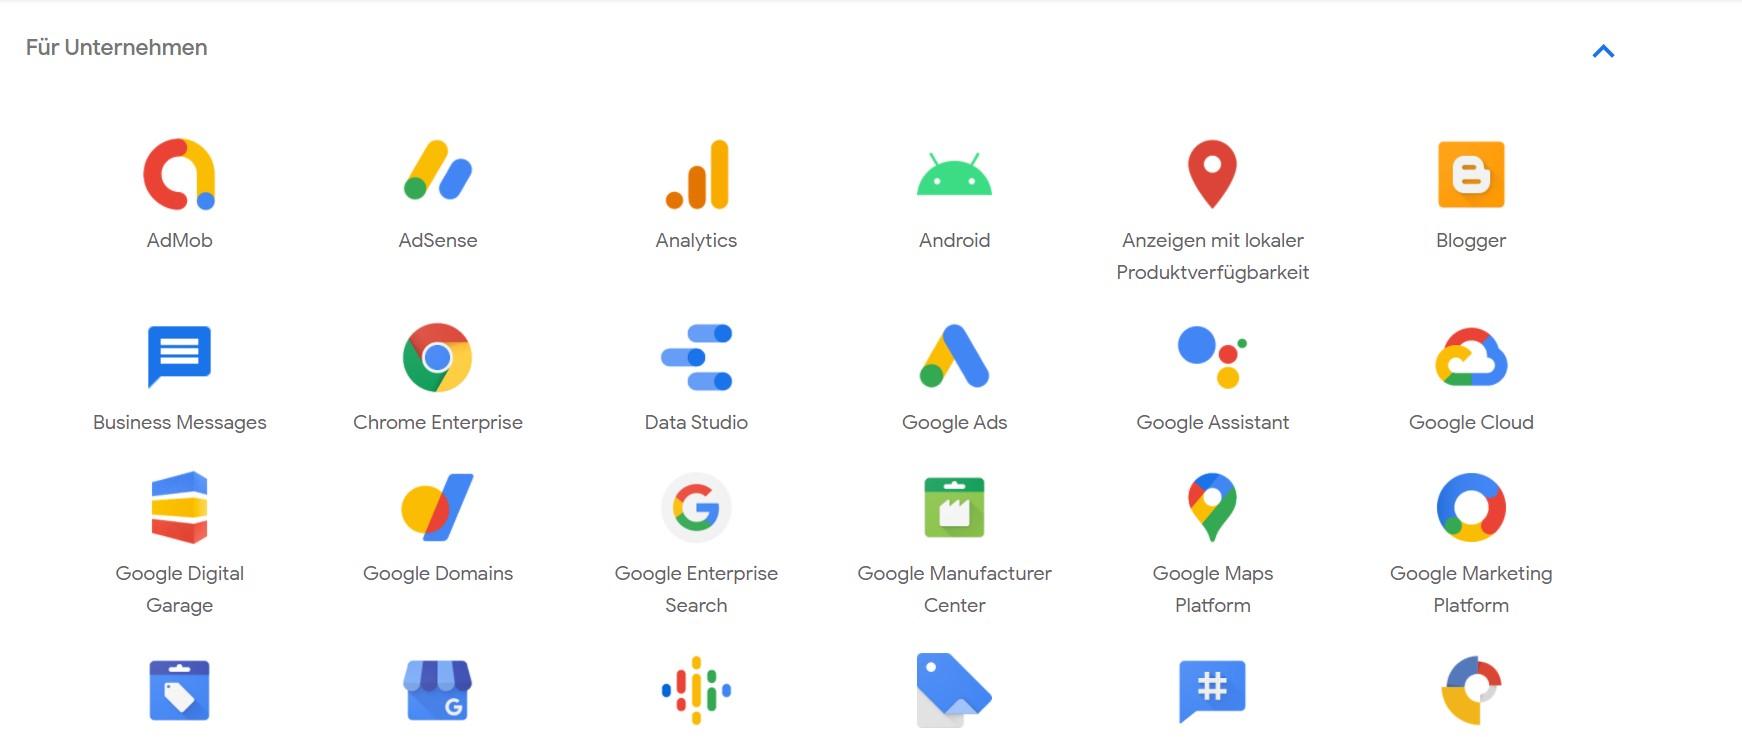 Google Werkzeugbox im Überblick